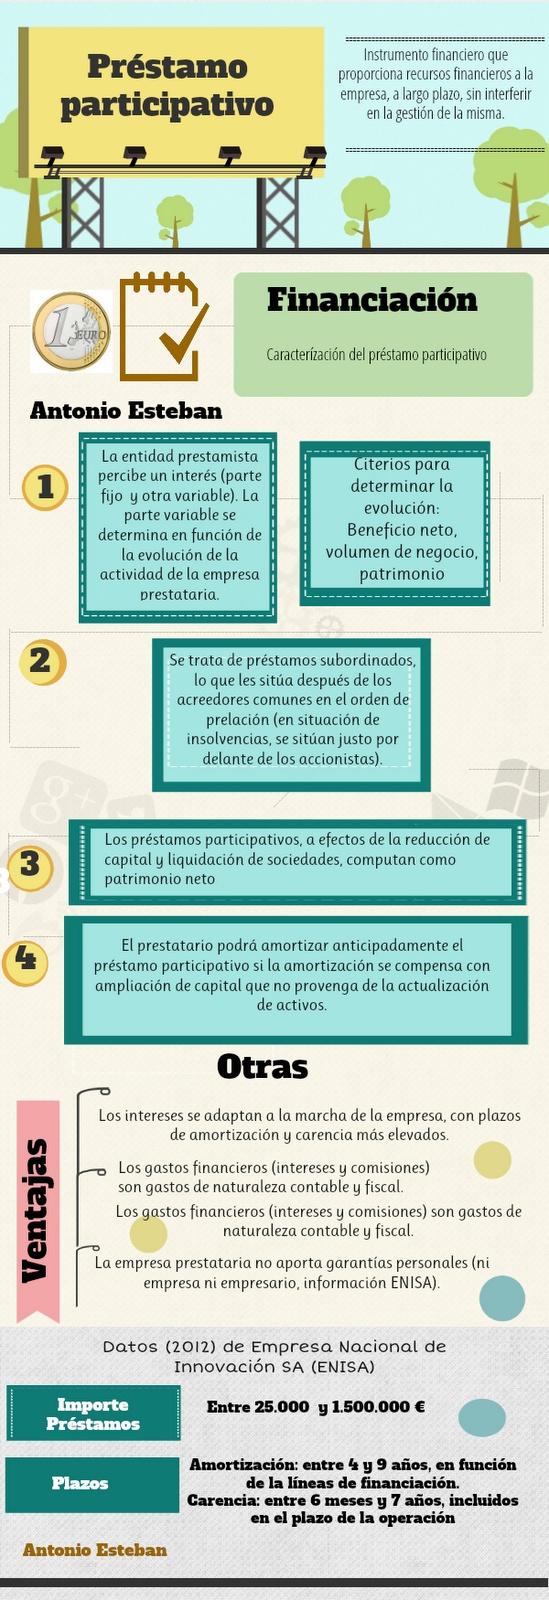 Infografía del préstamo participativo